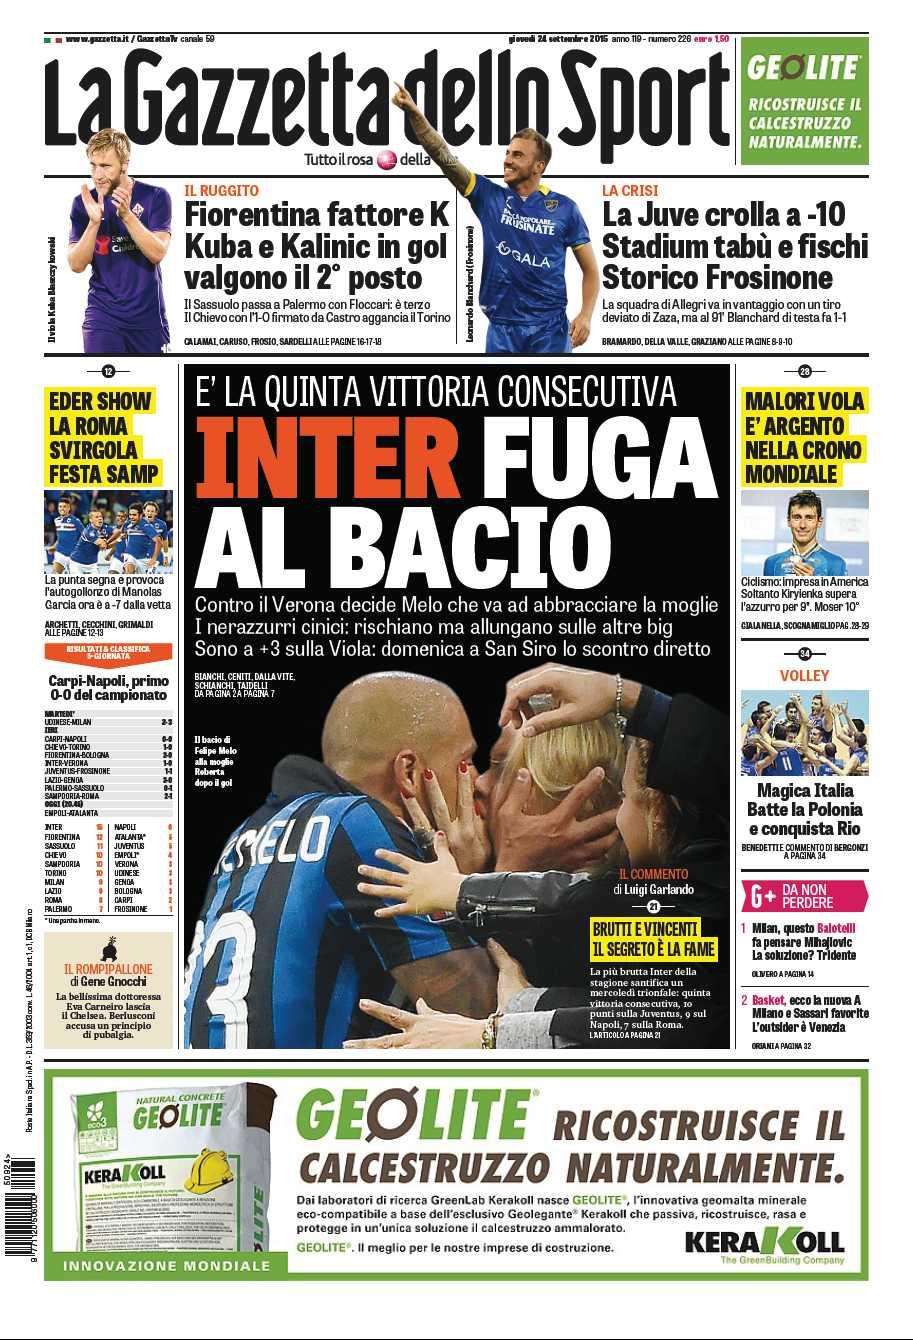 La #primapagina di oggi: Inter, fuga al bacio, crollo Juve, Fiorentina seconda #Ciclismo Malori volo d'argento http://t.co/ljX6iEzAl7